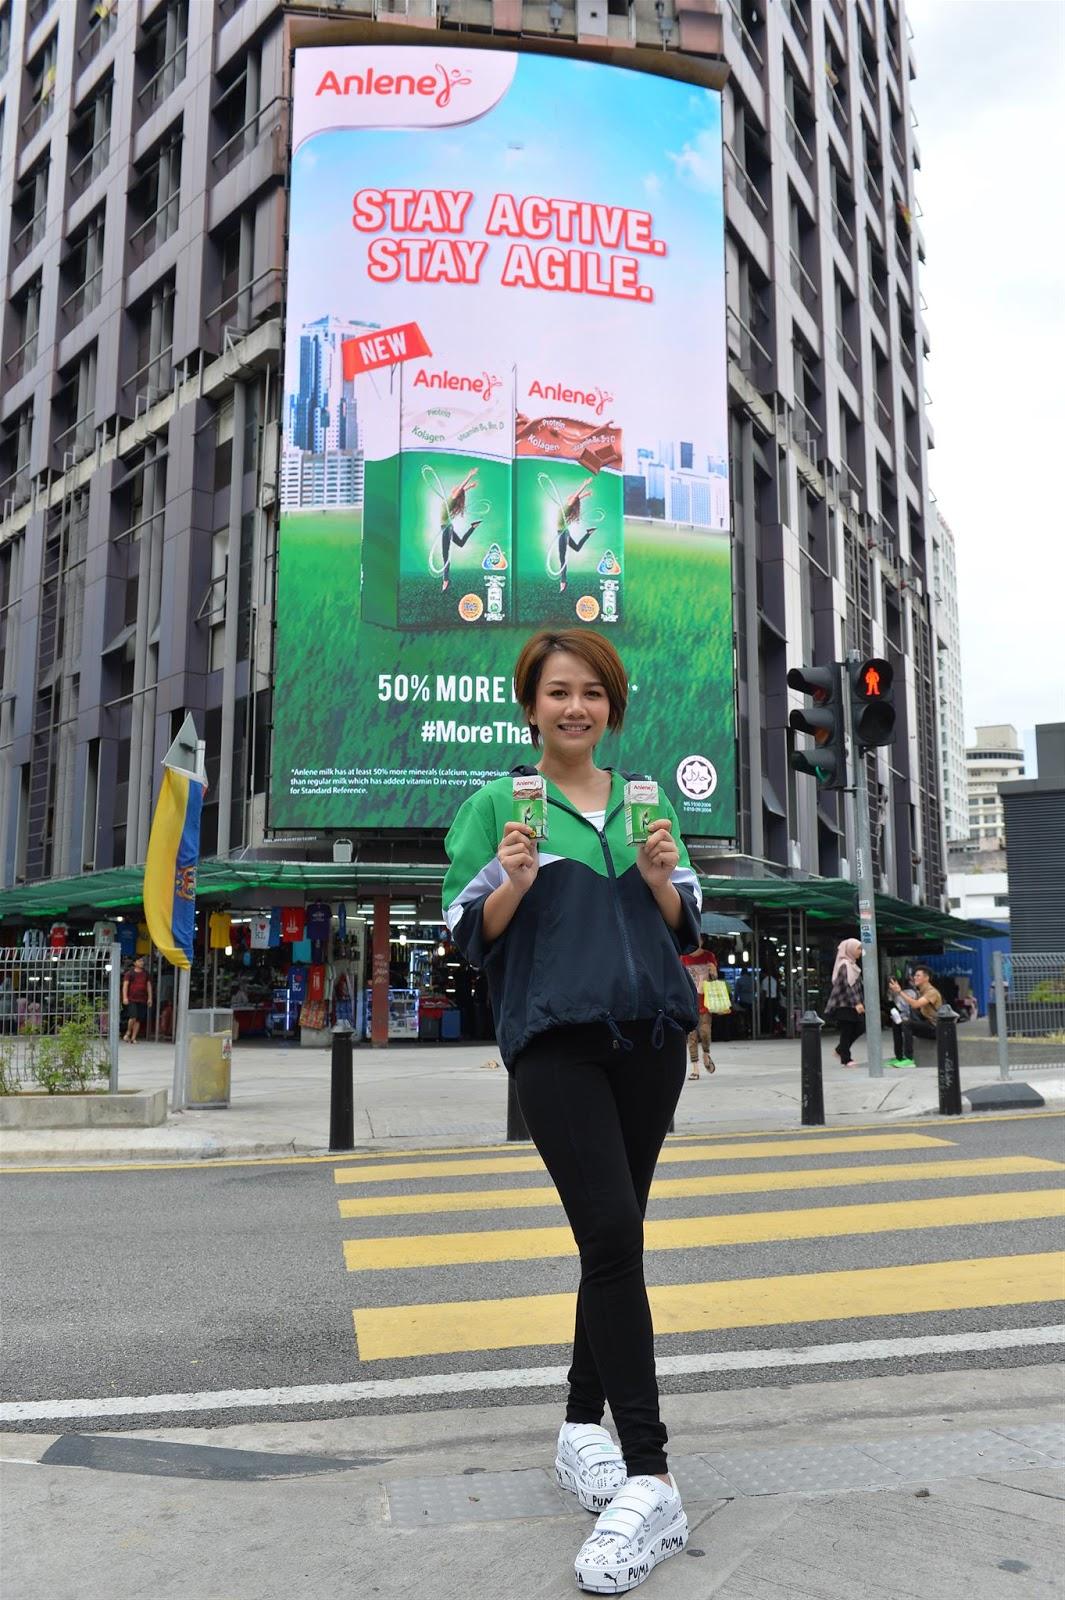 Get On The Go Anlene Blogger Contest Keunggulan Wanita Susu Coklat Task Ke 3 Bertemu Stacy Anam Happynya Seri Wangi Apa Lagi Memang Peminat Stacyanam Ratu Tari Malaysia Yang Sangat Berbakat Dan Lincah